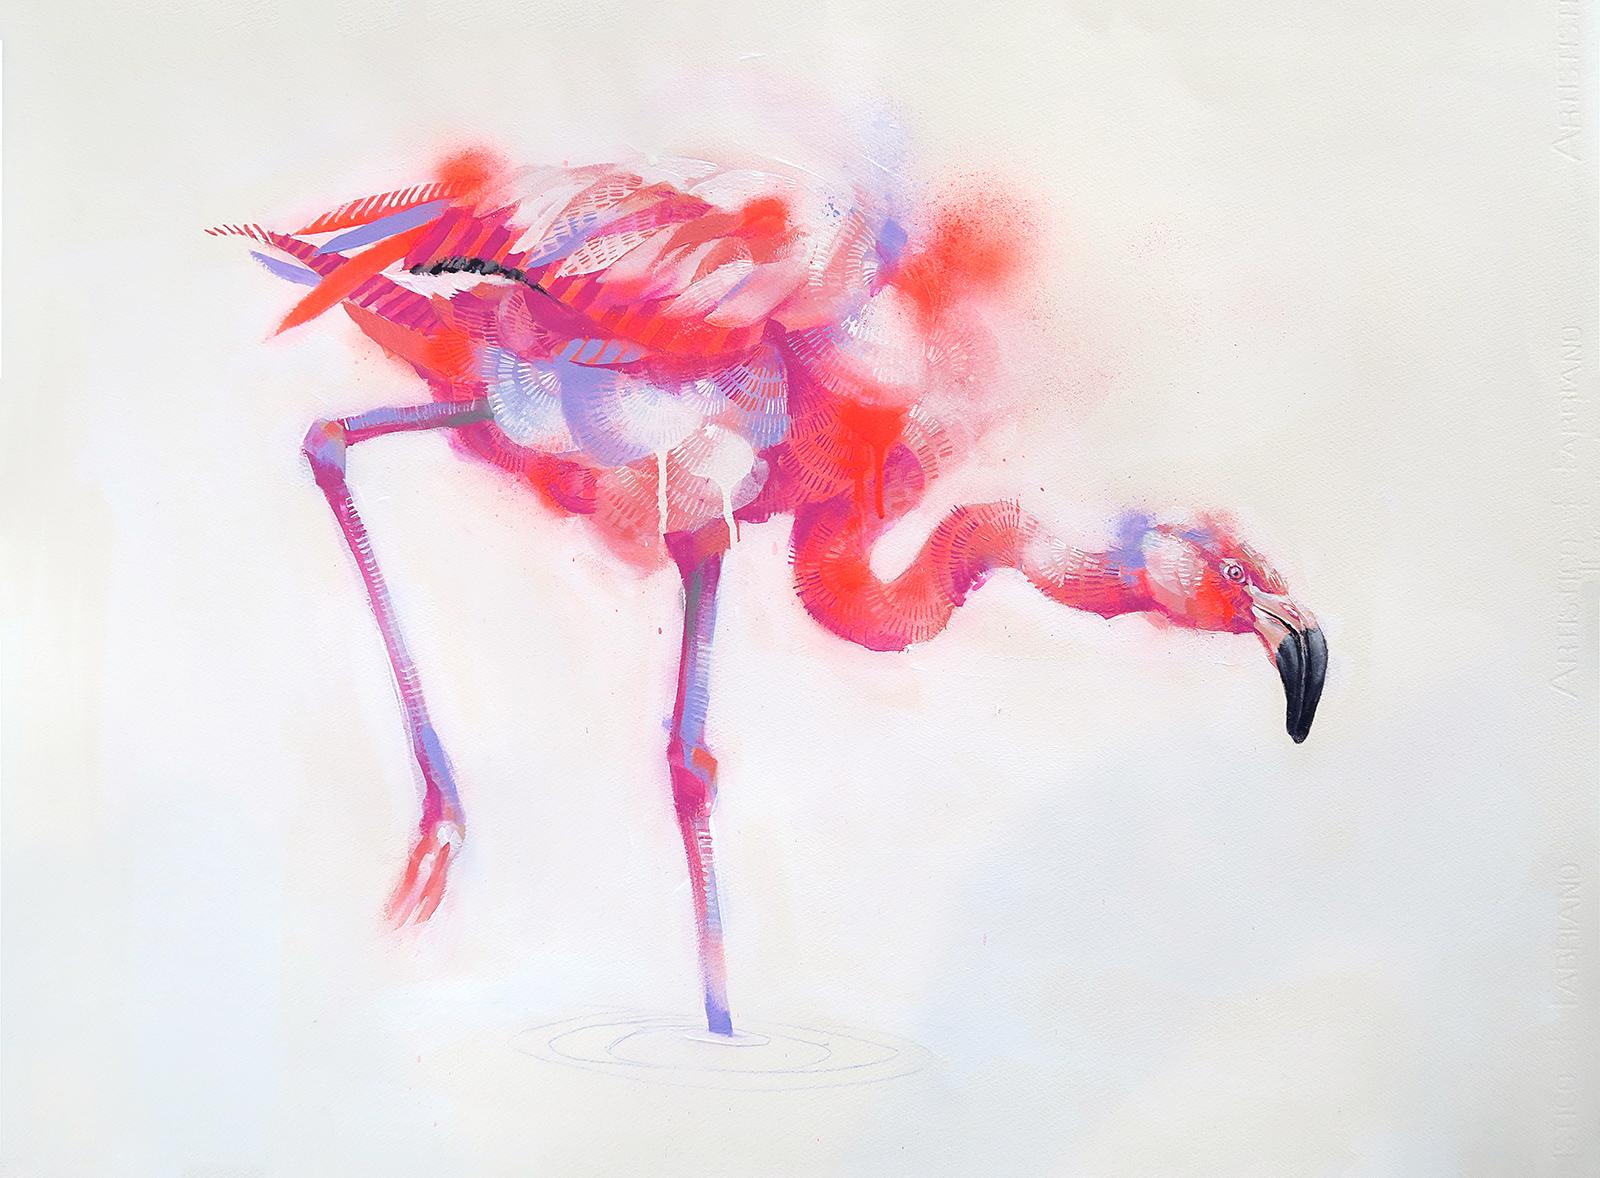 Flamingo Study 1